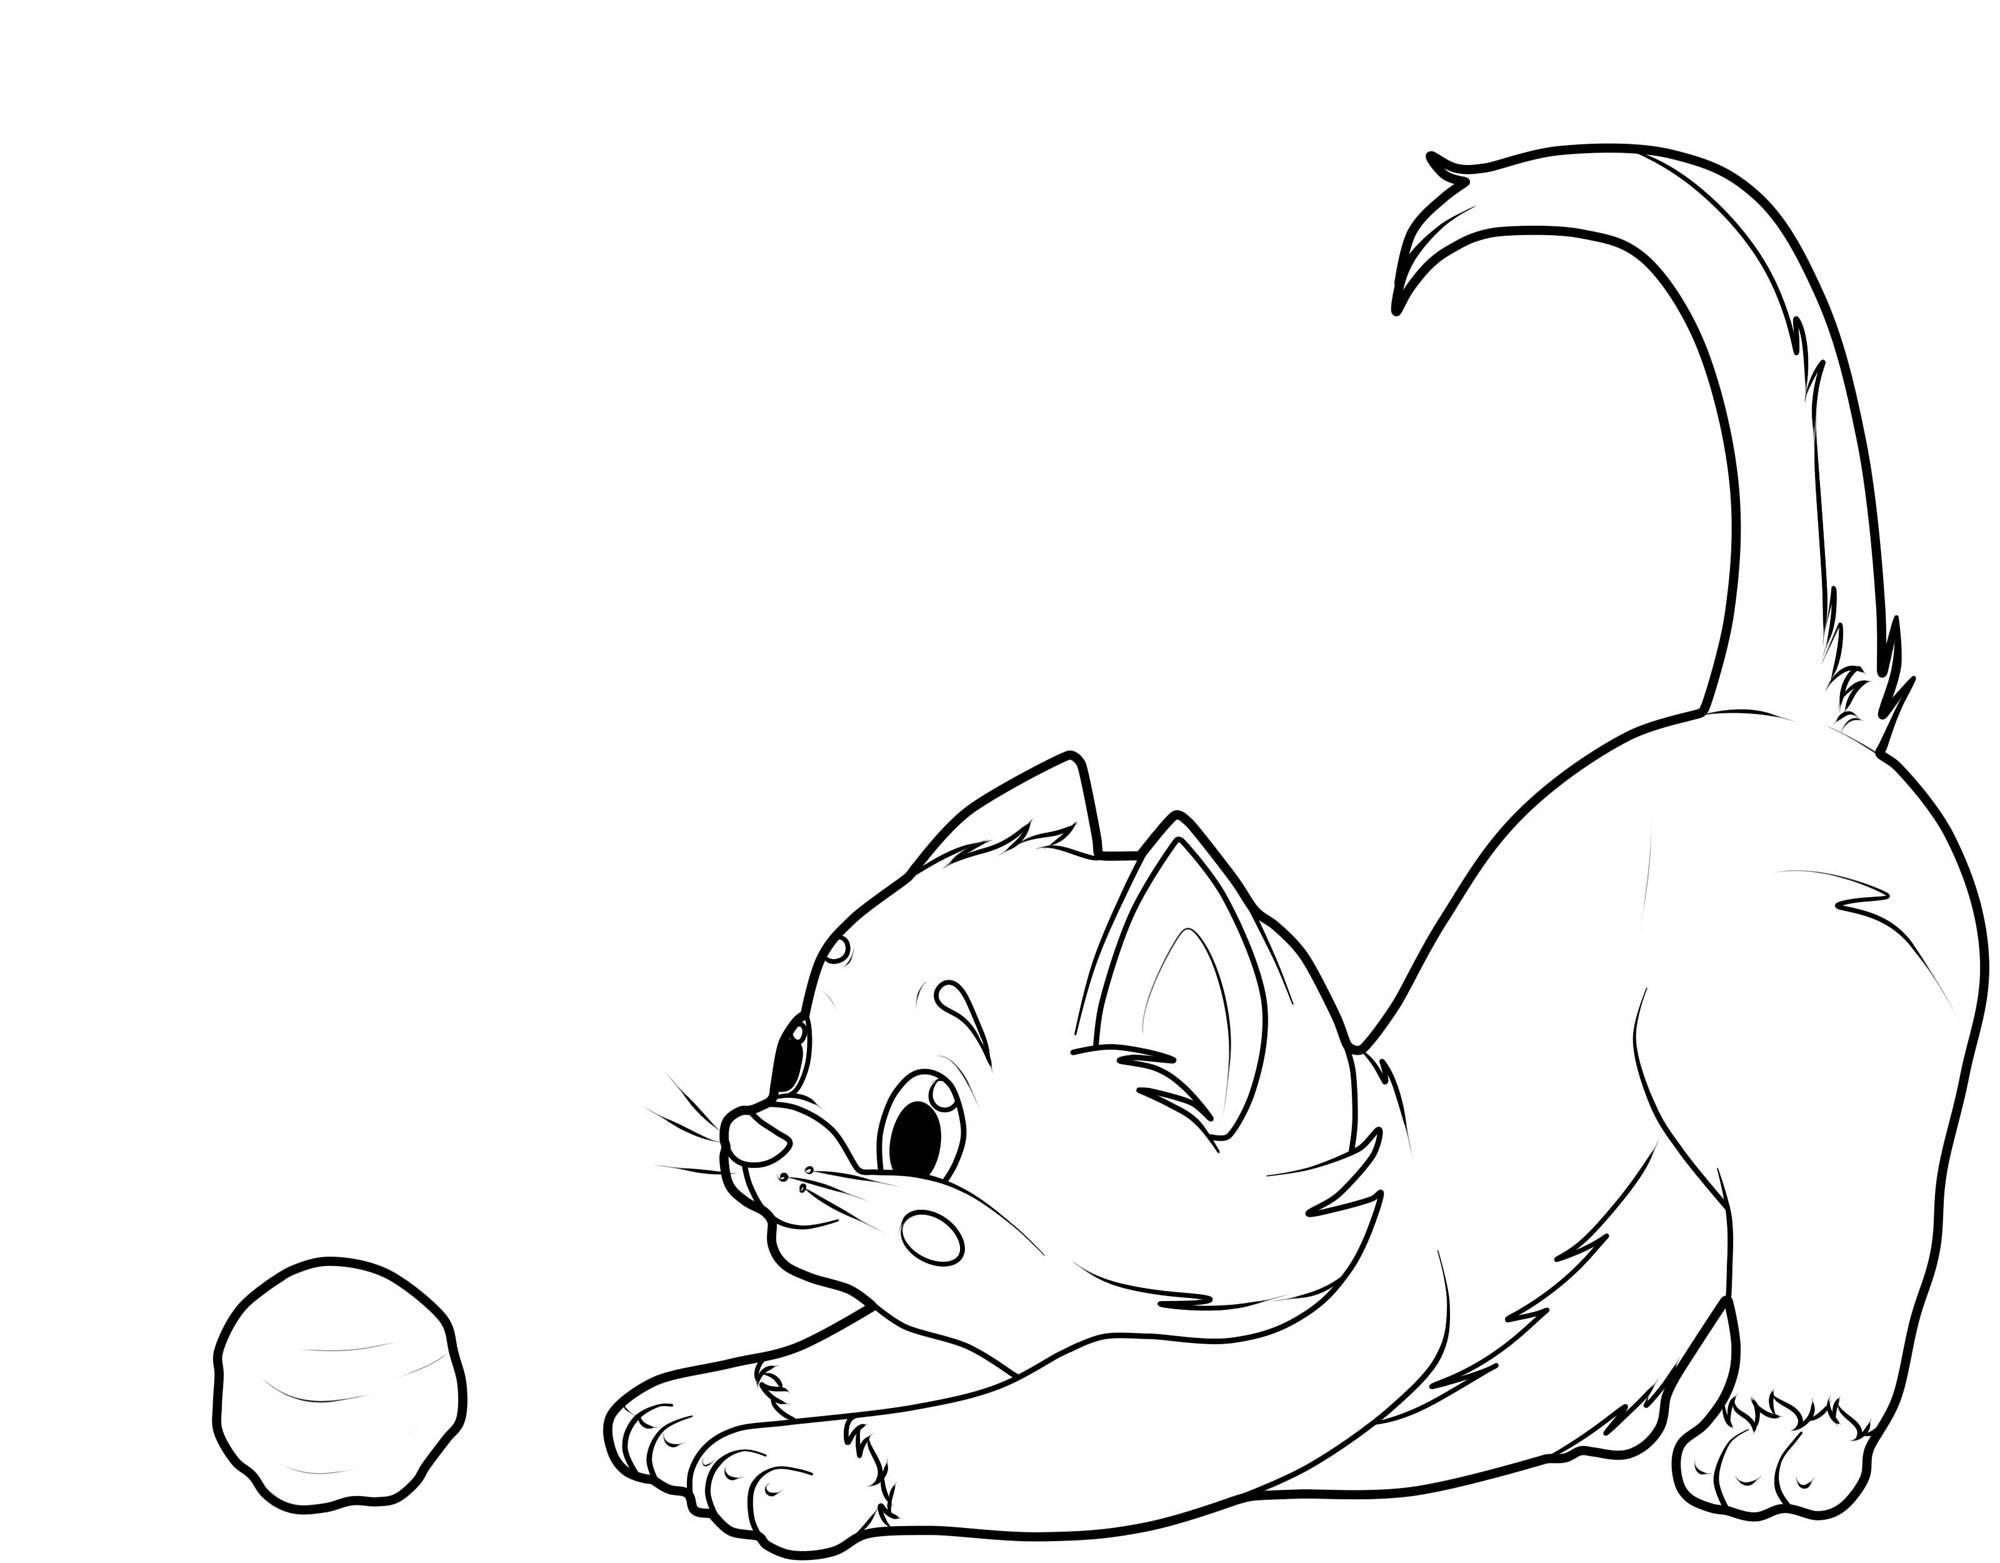 Genial Sitzende Katze Malvorlage Top Kostenlos Färbung